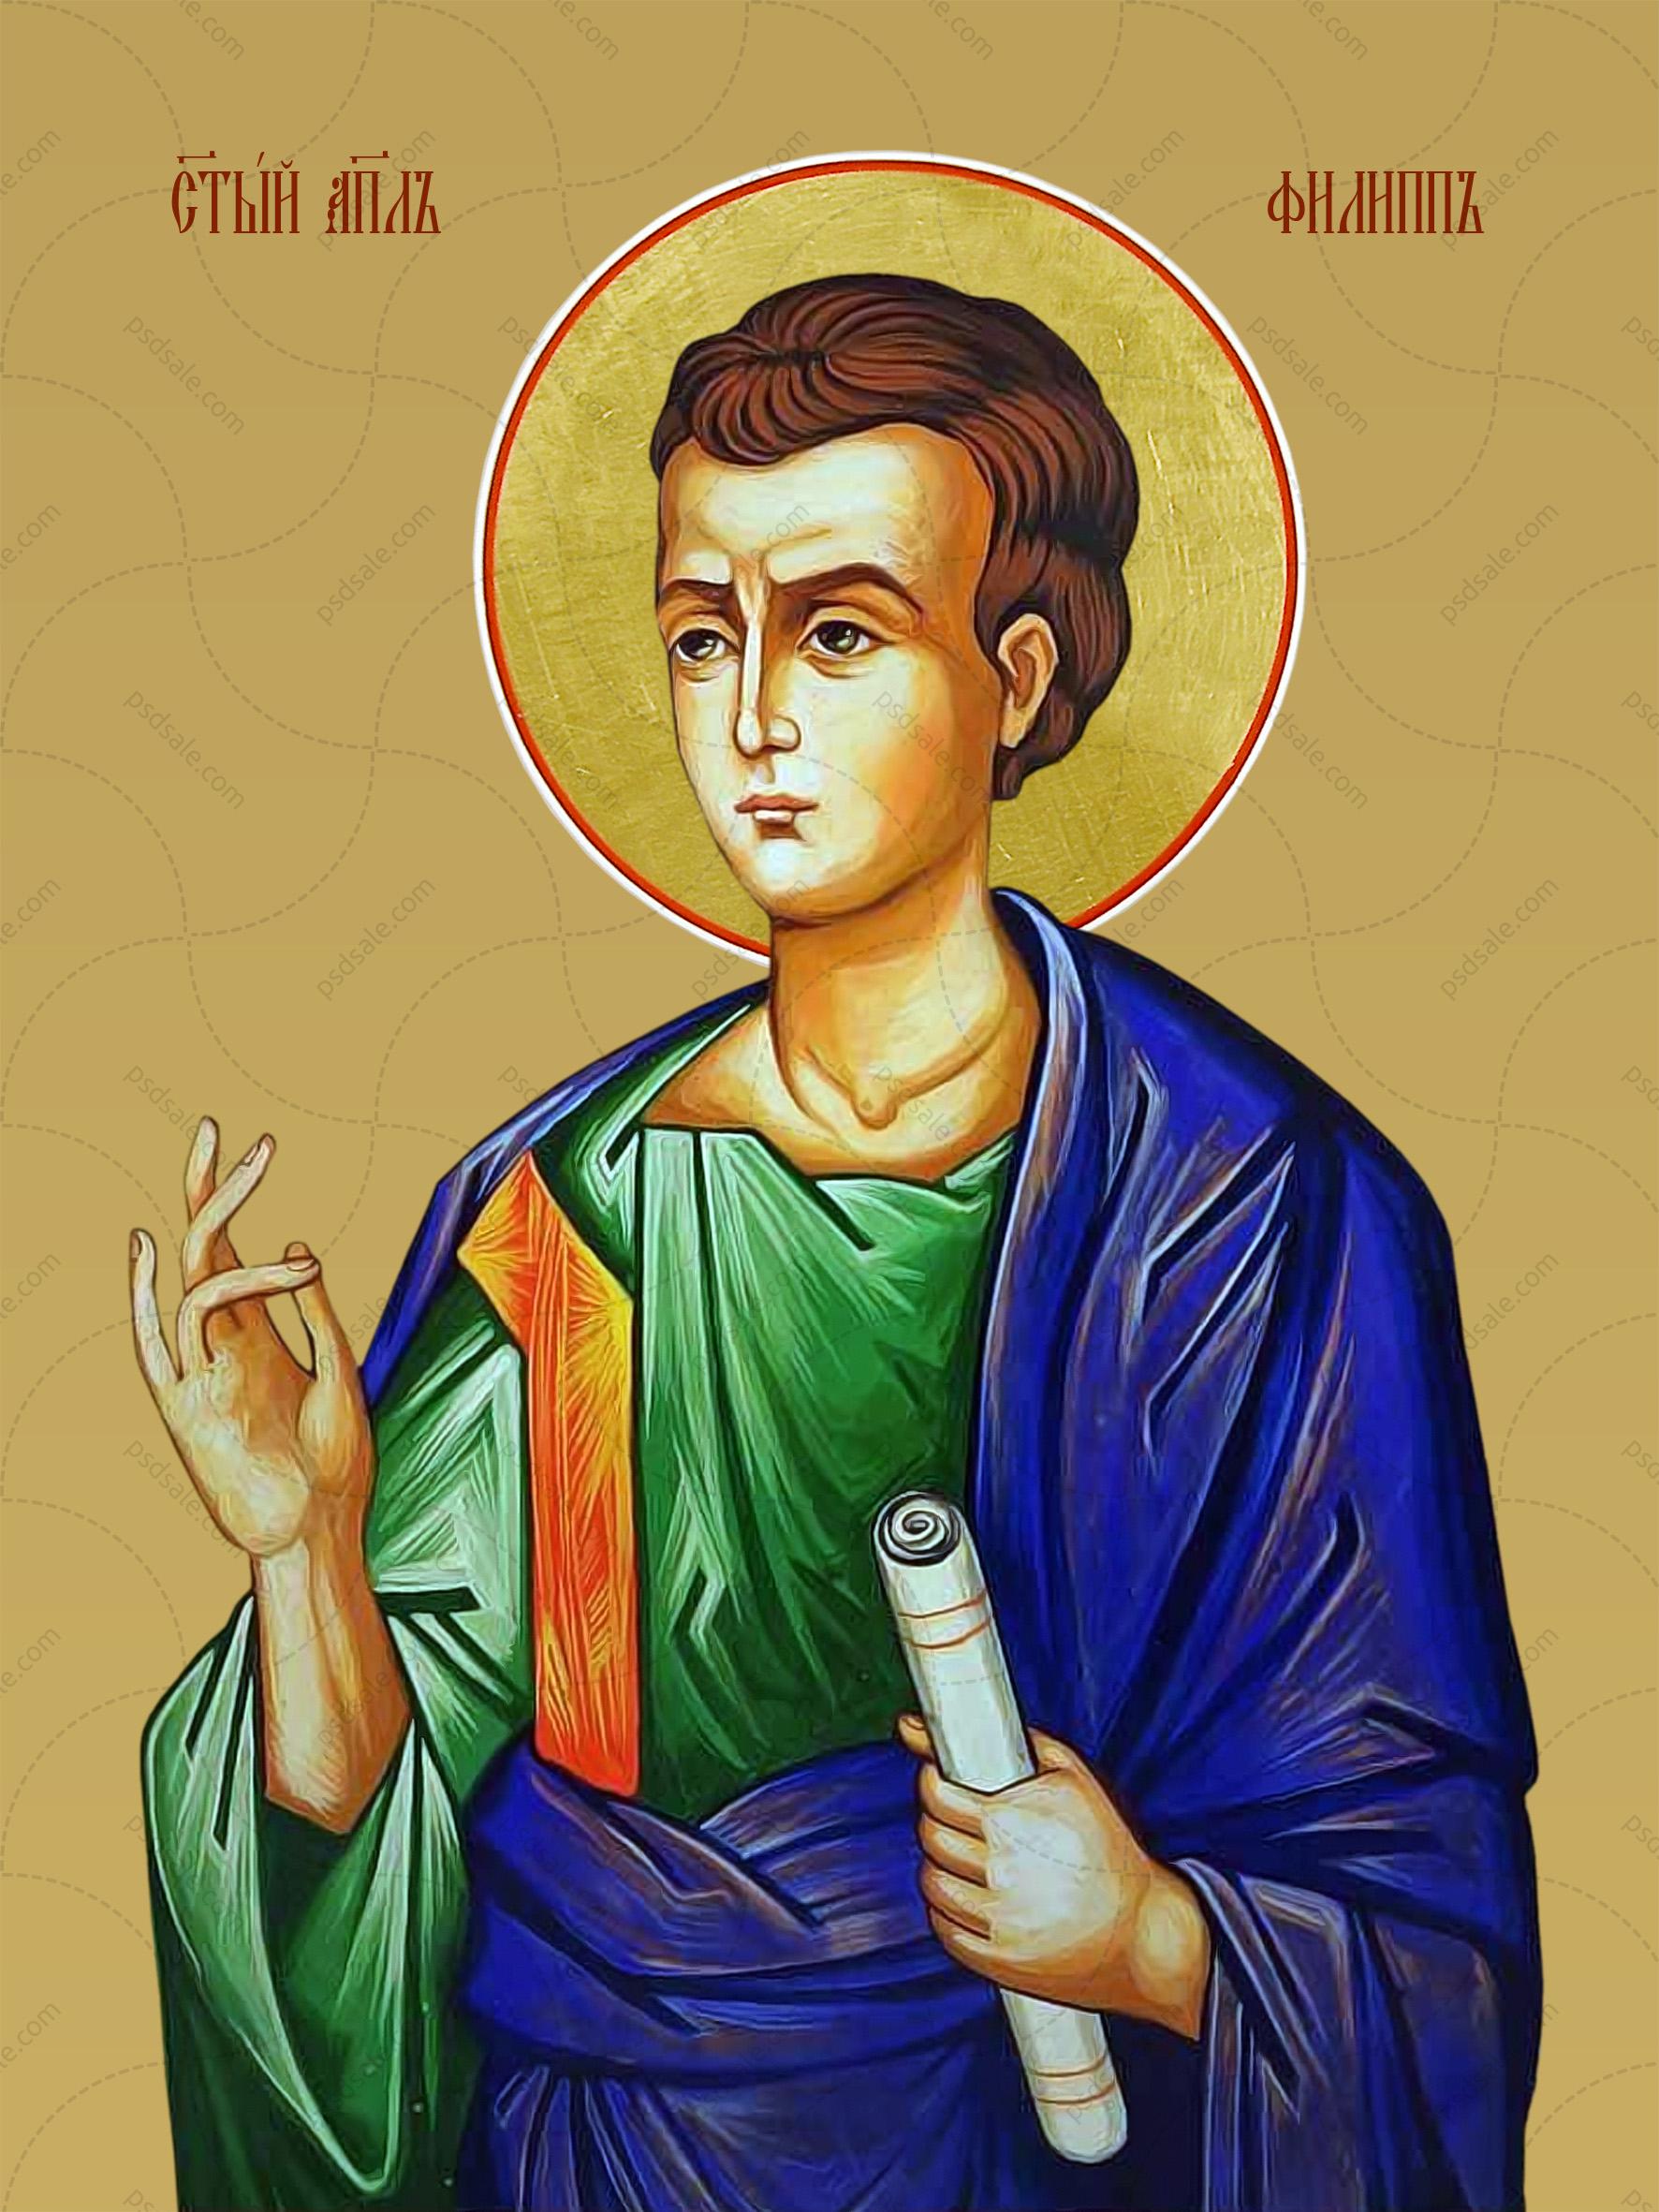 Филипп, святой апостол